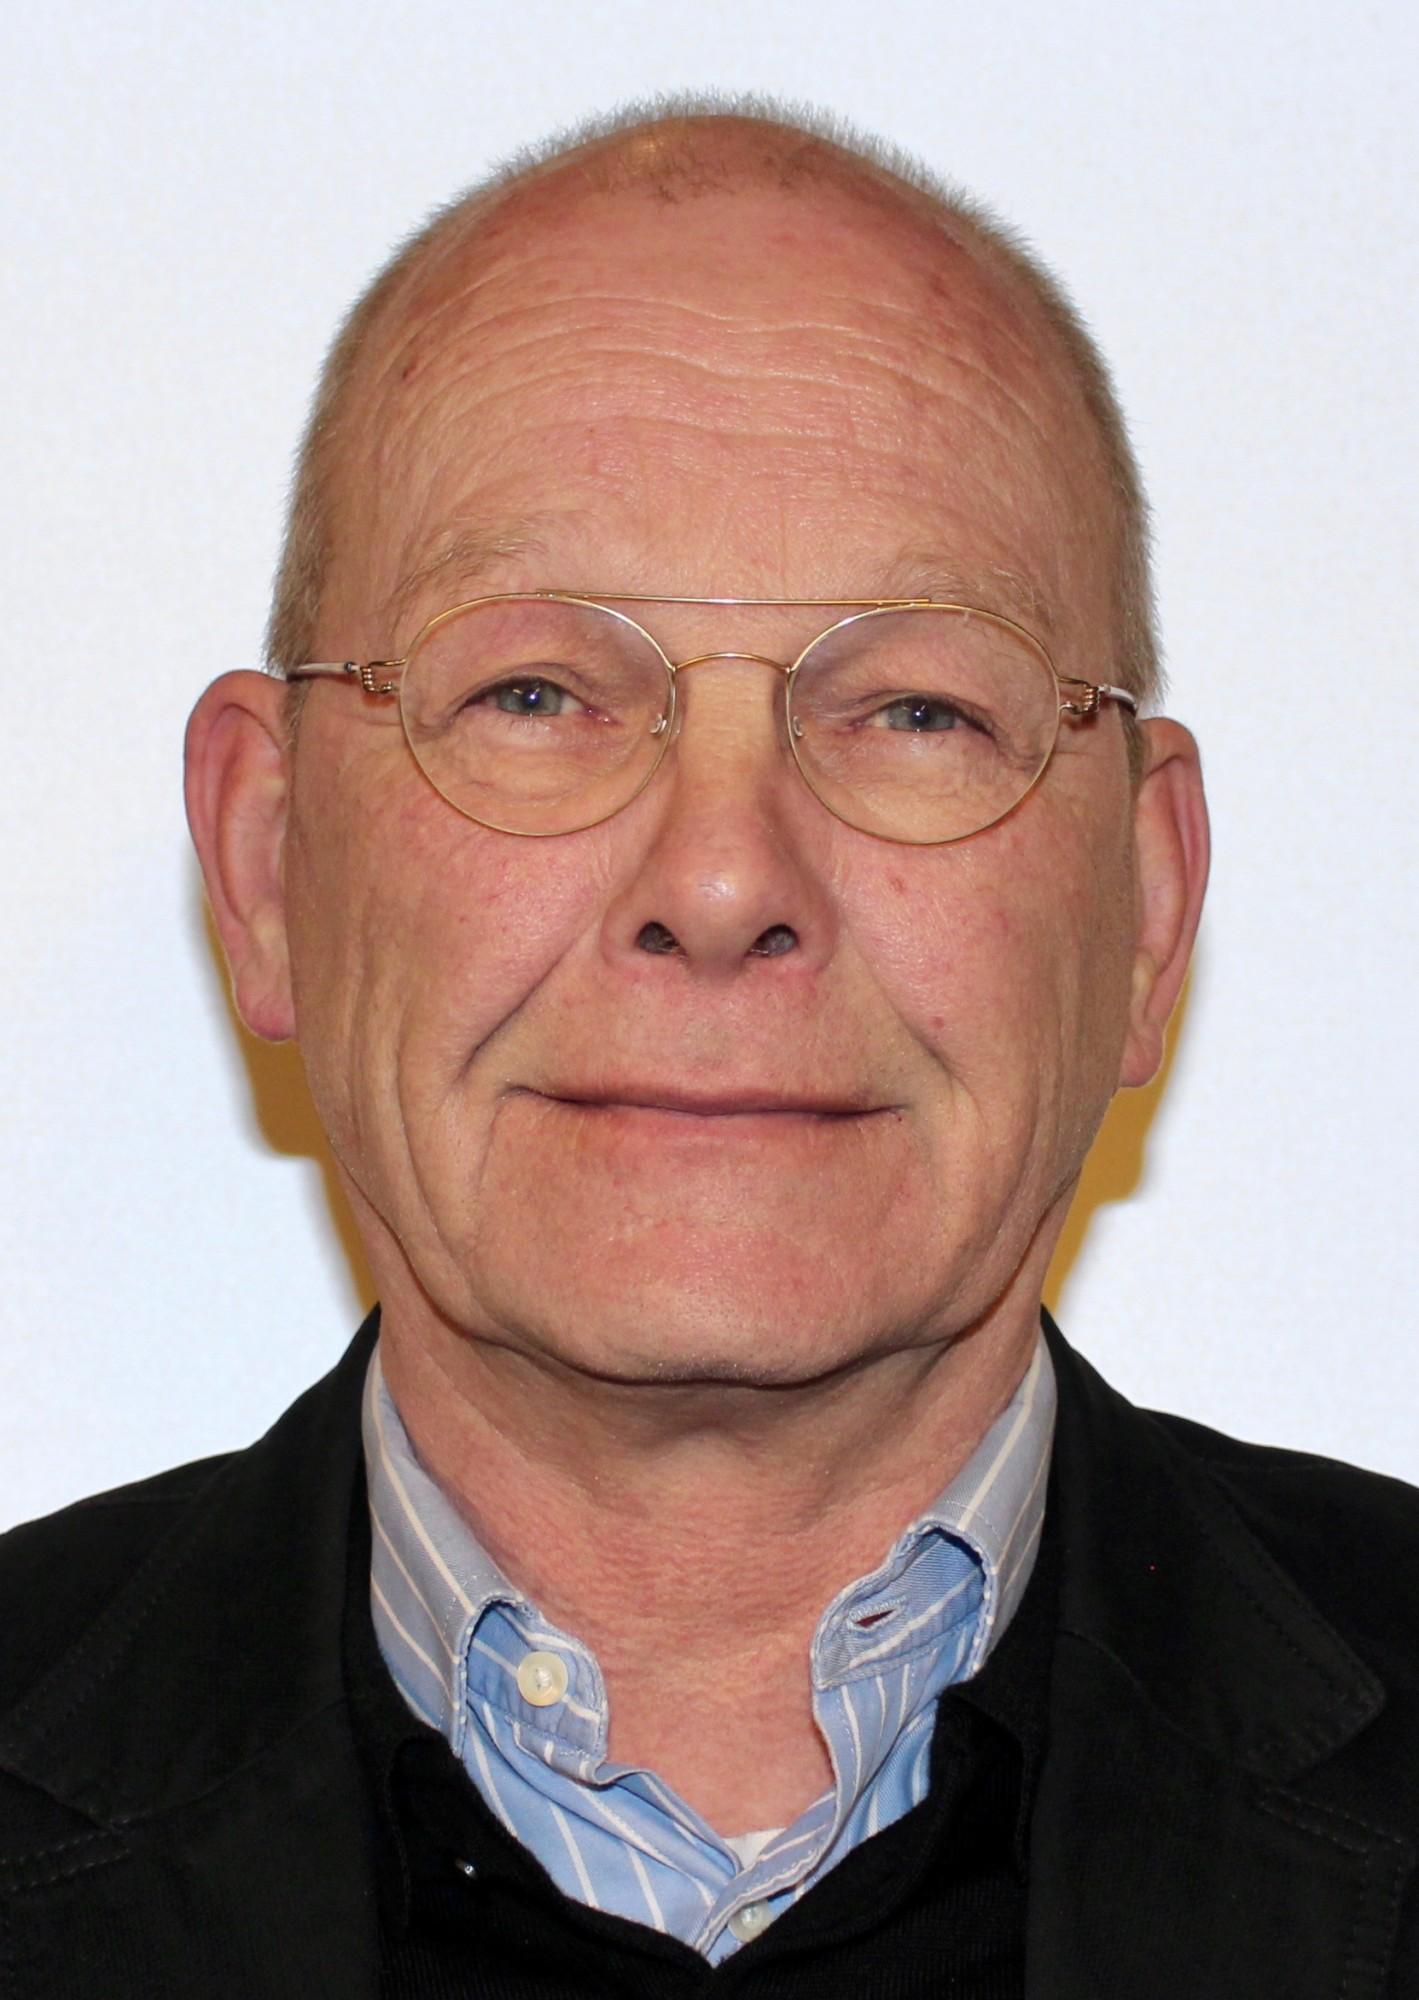 Rob Hensen